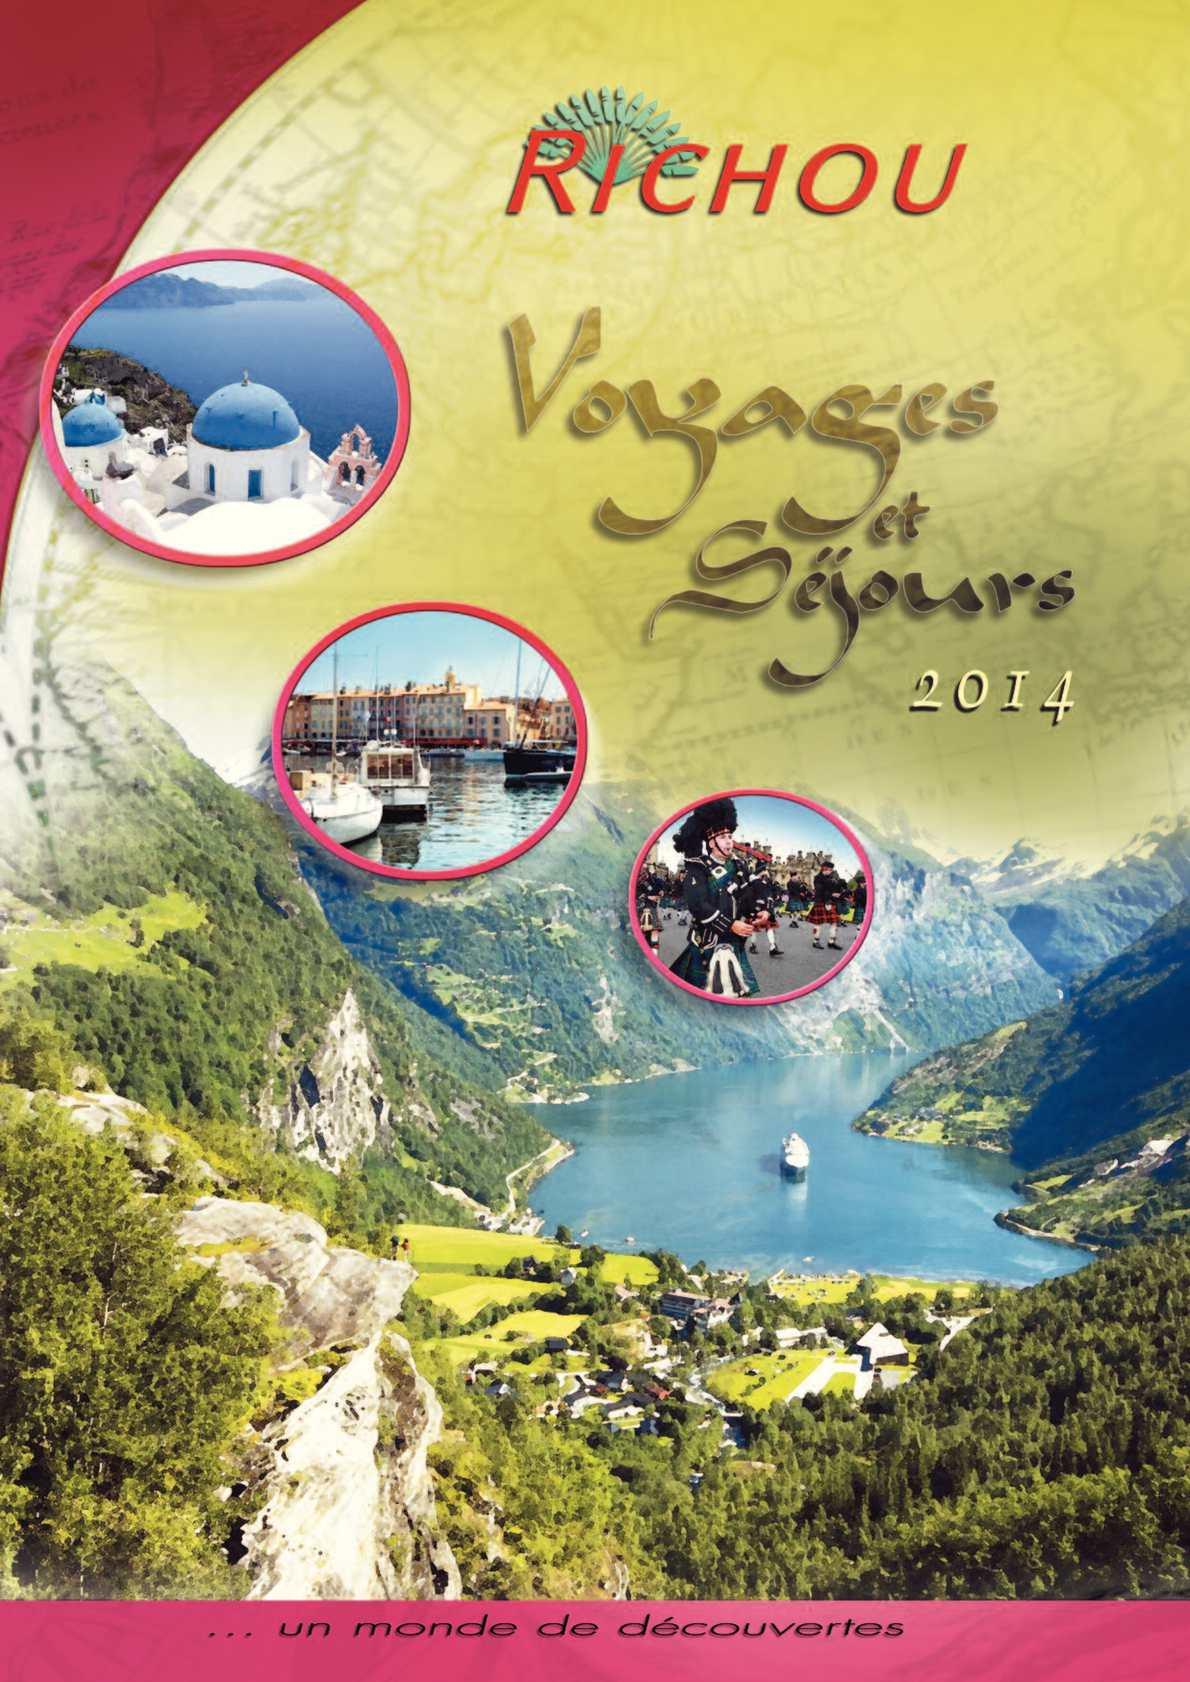 Calameo Voyages Et Sejours 2014